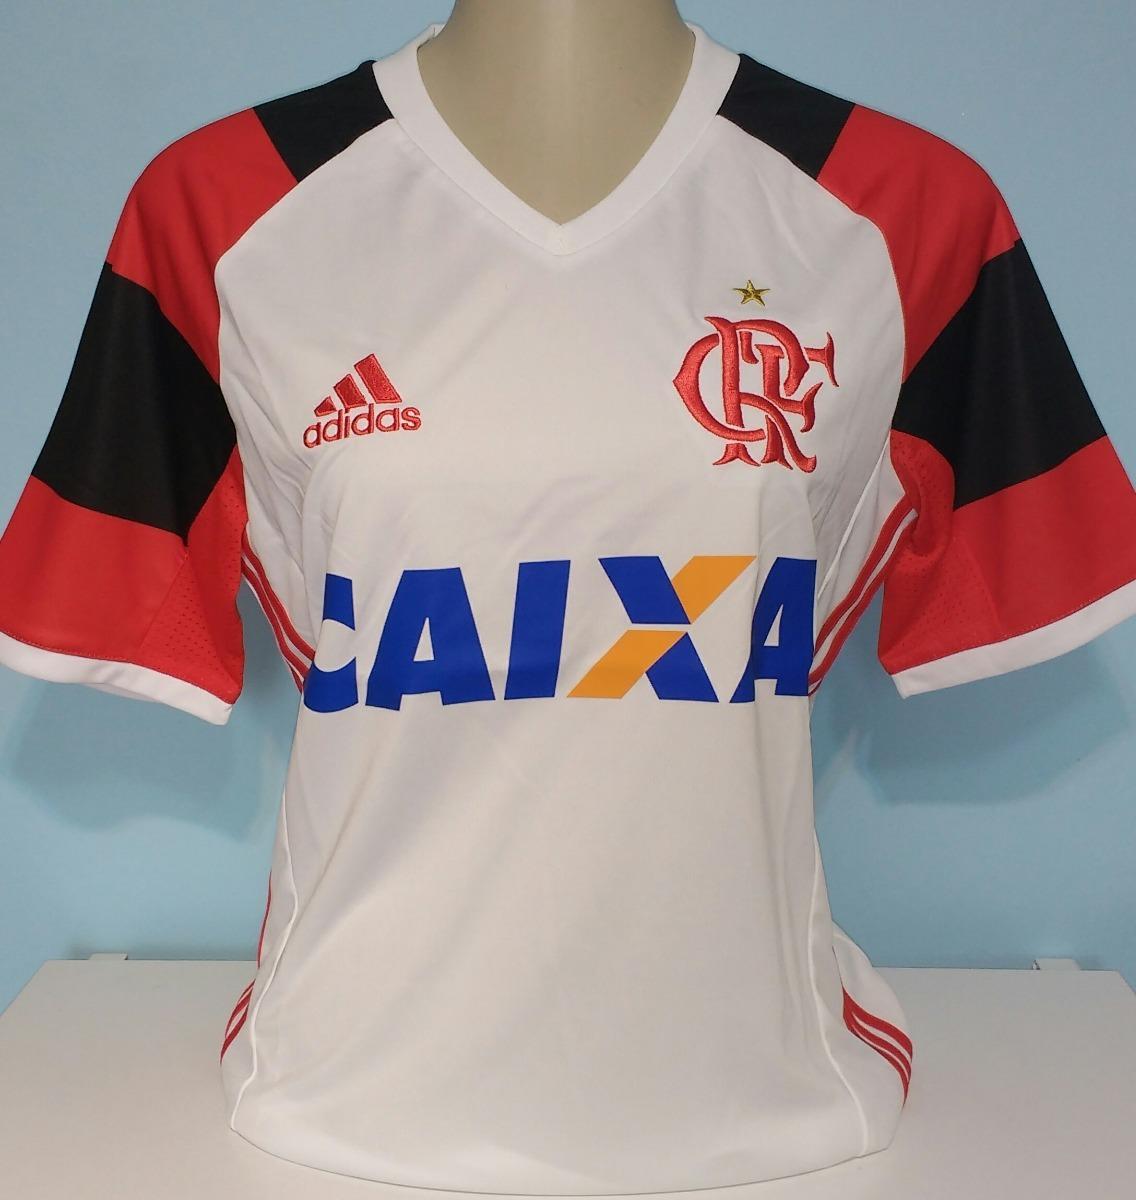 d557007362a17 Camisa Do Flamengo Feminina 100% Original adidas - 27 - R  129